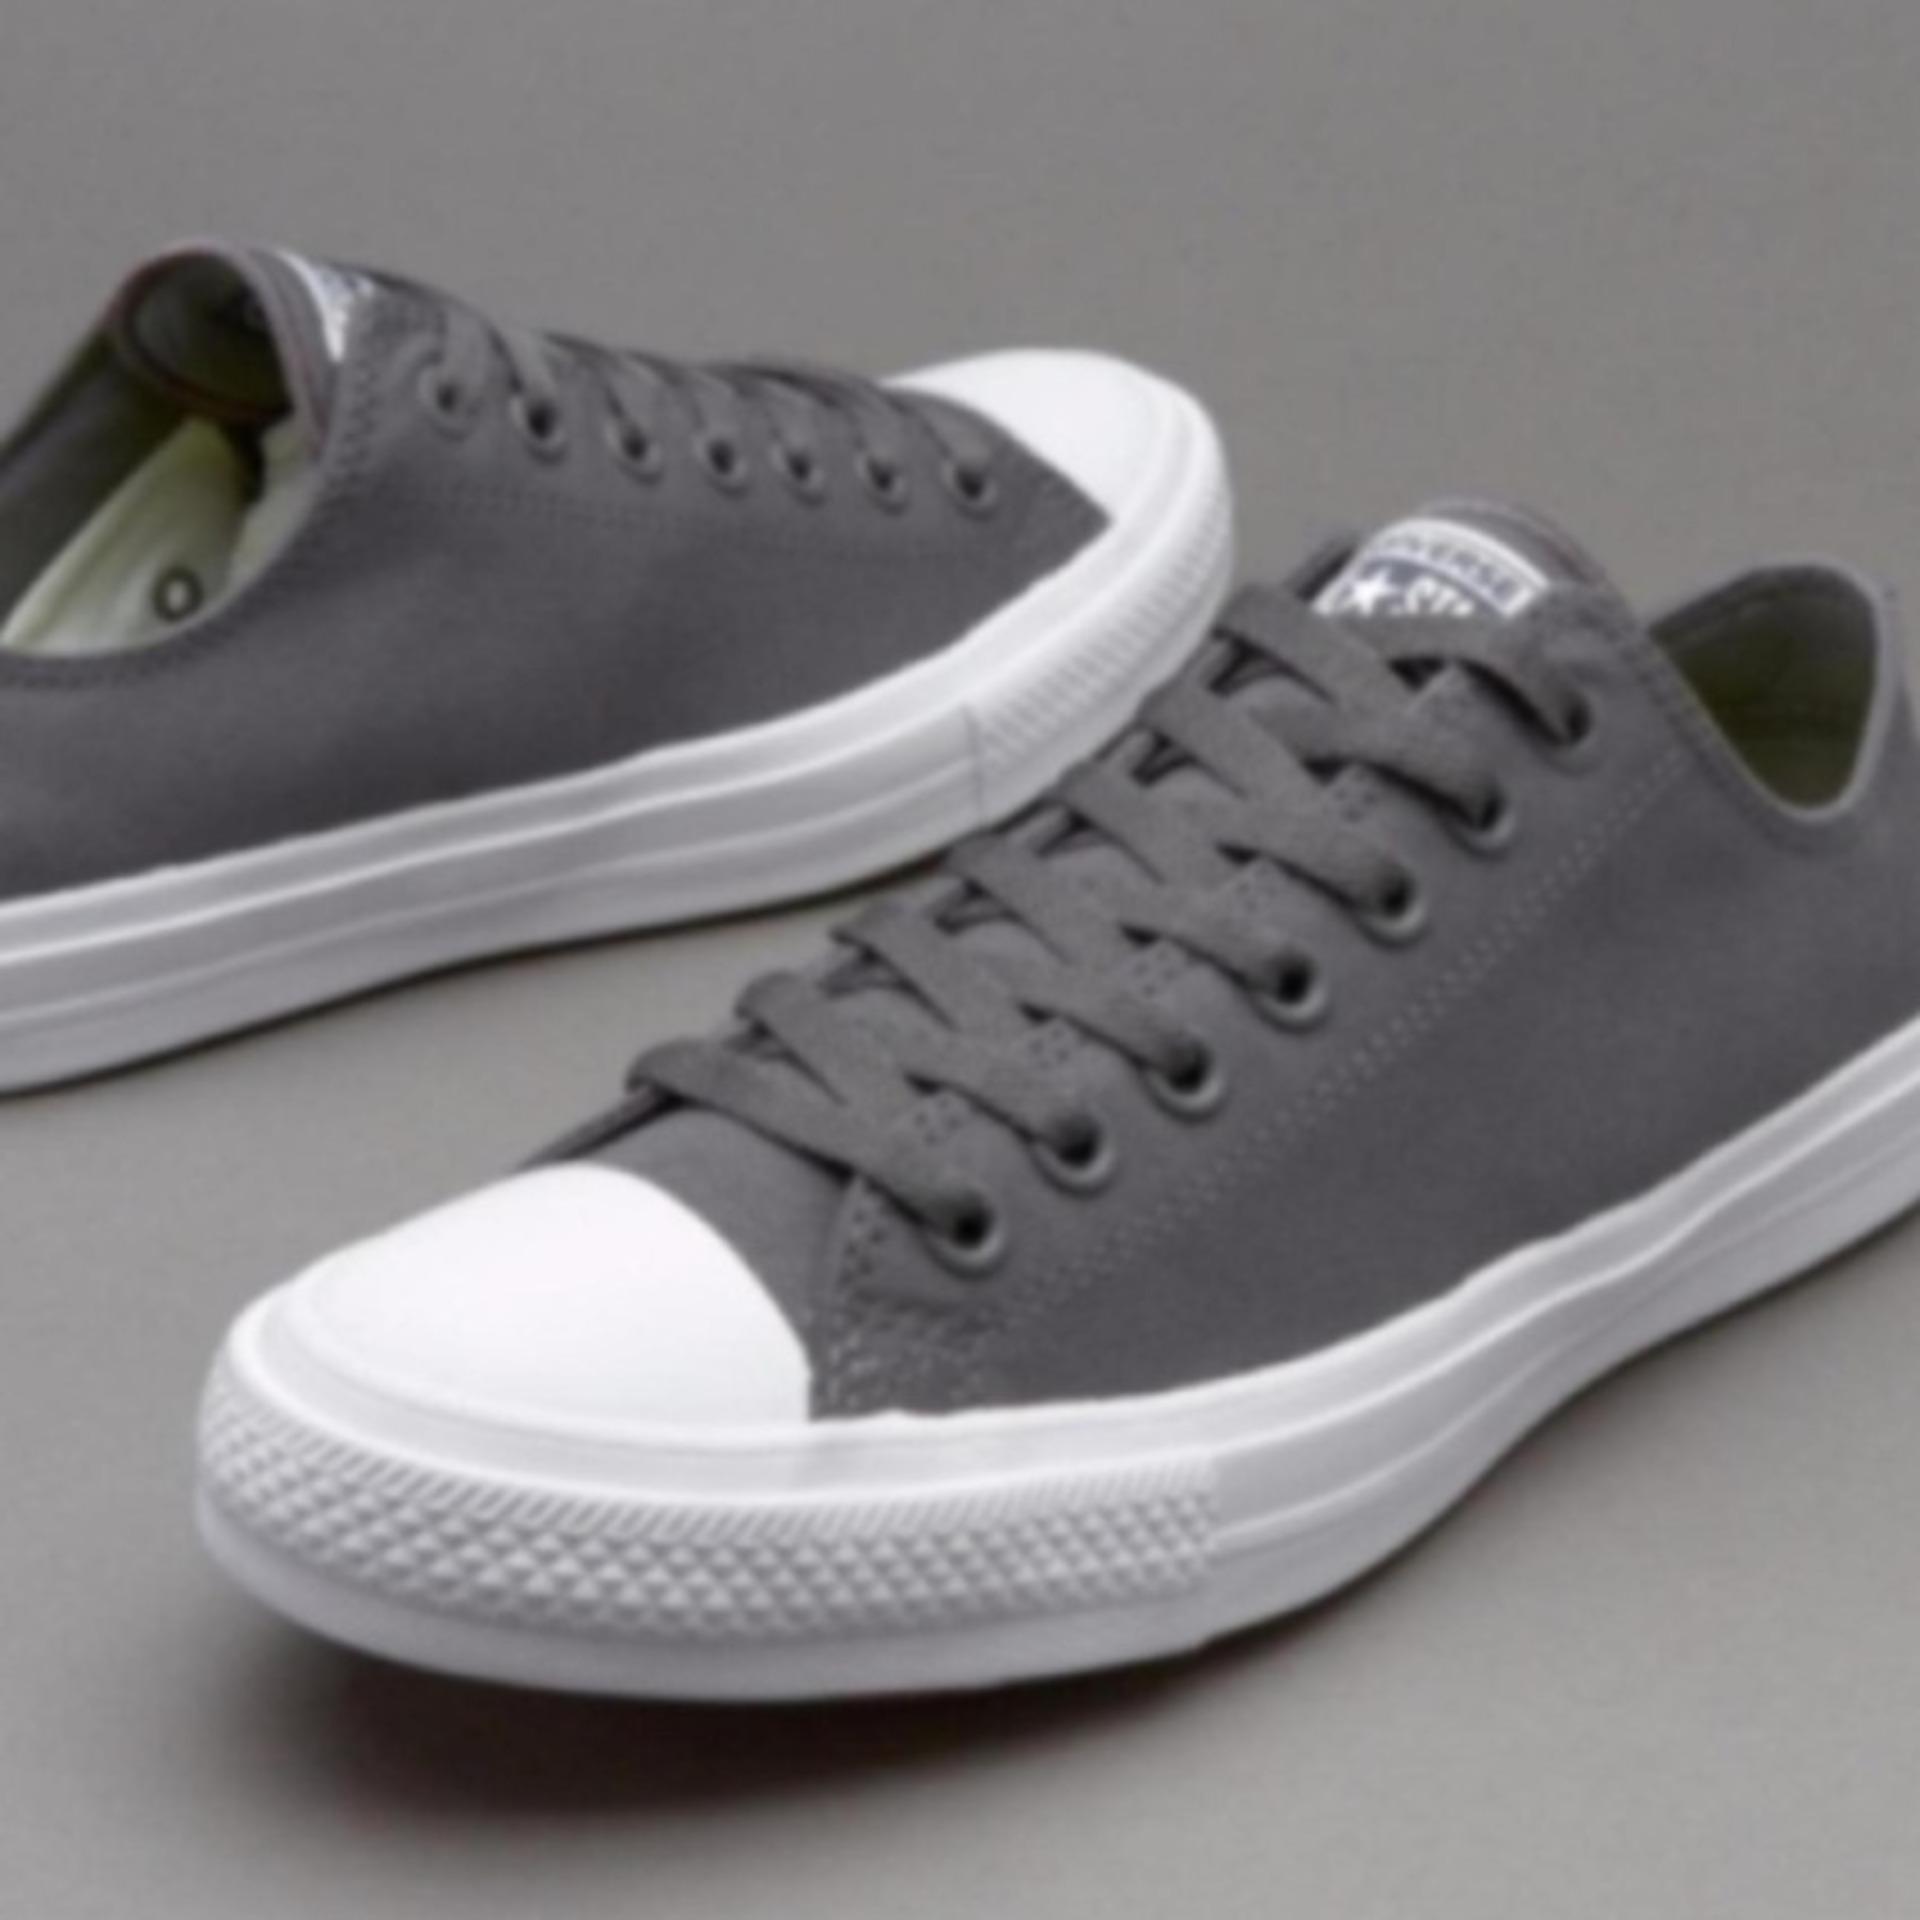 Sepatu All Star Sneakers FreeStyle  bisa bayar di tempat  7671b45344